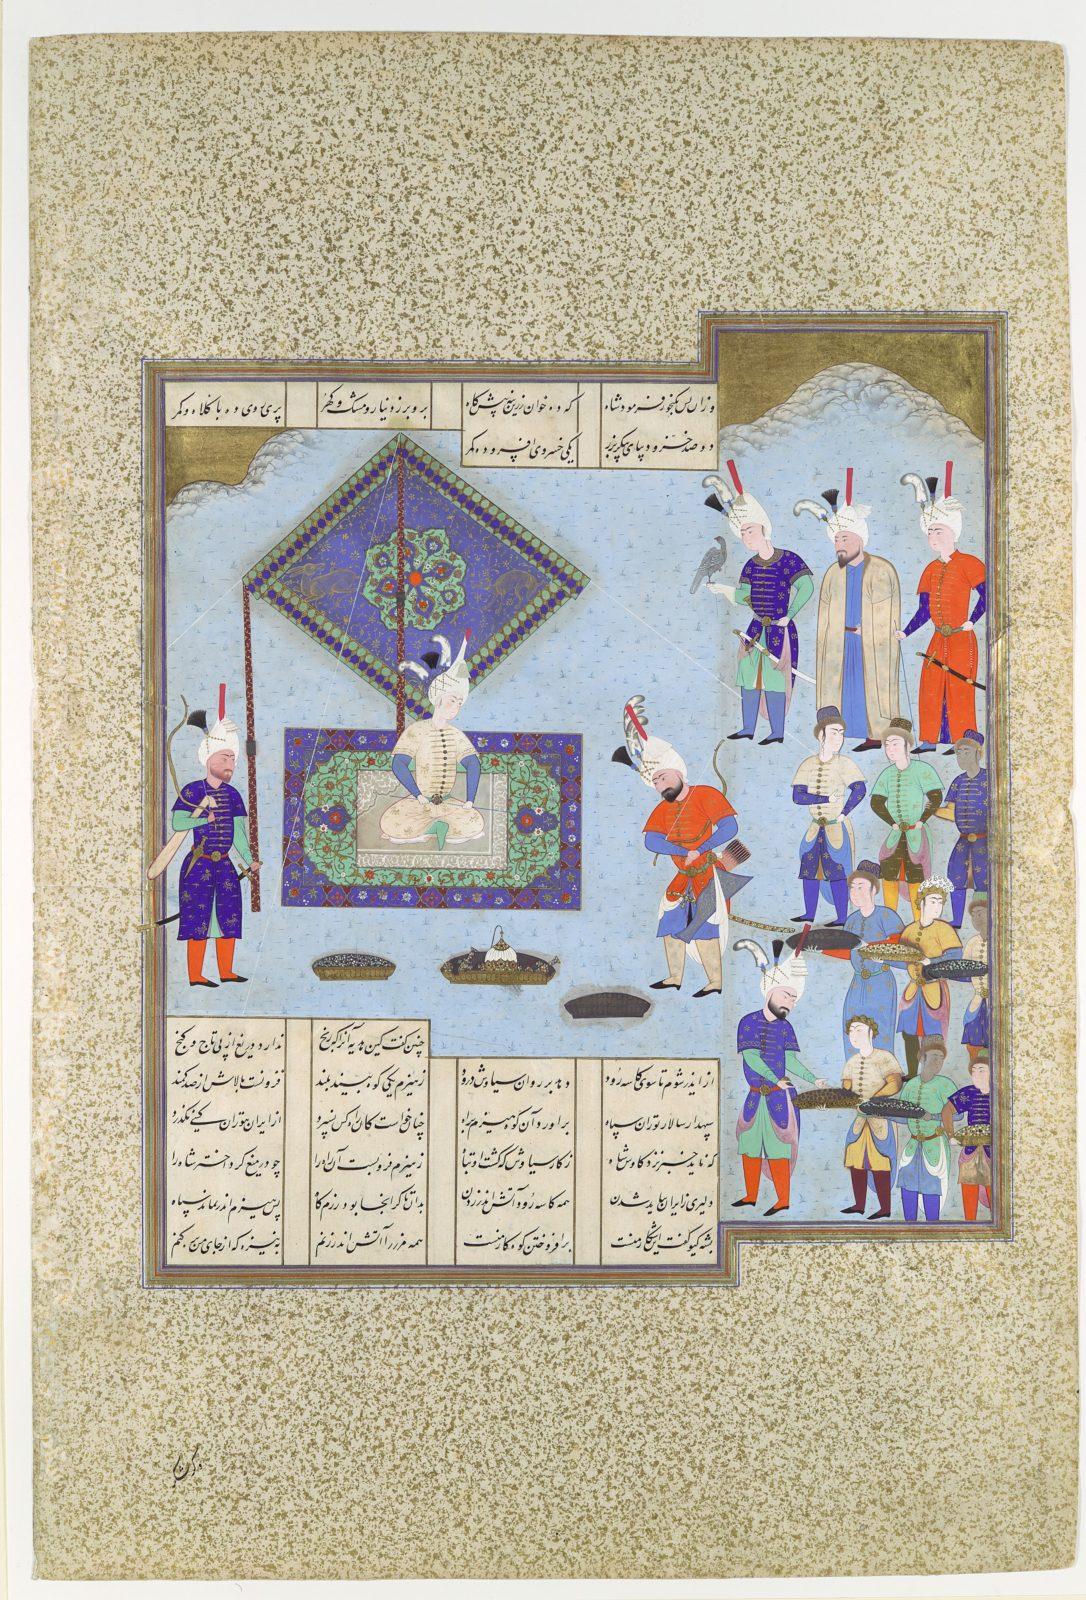 """""""Kai Khusrau's War Prizes Are Pledged"""", Folio 225v from the Shahnama (Book of Kings) of Shah Tahmasp"""